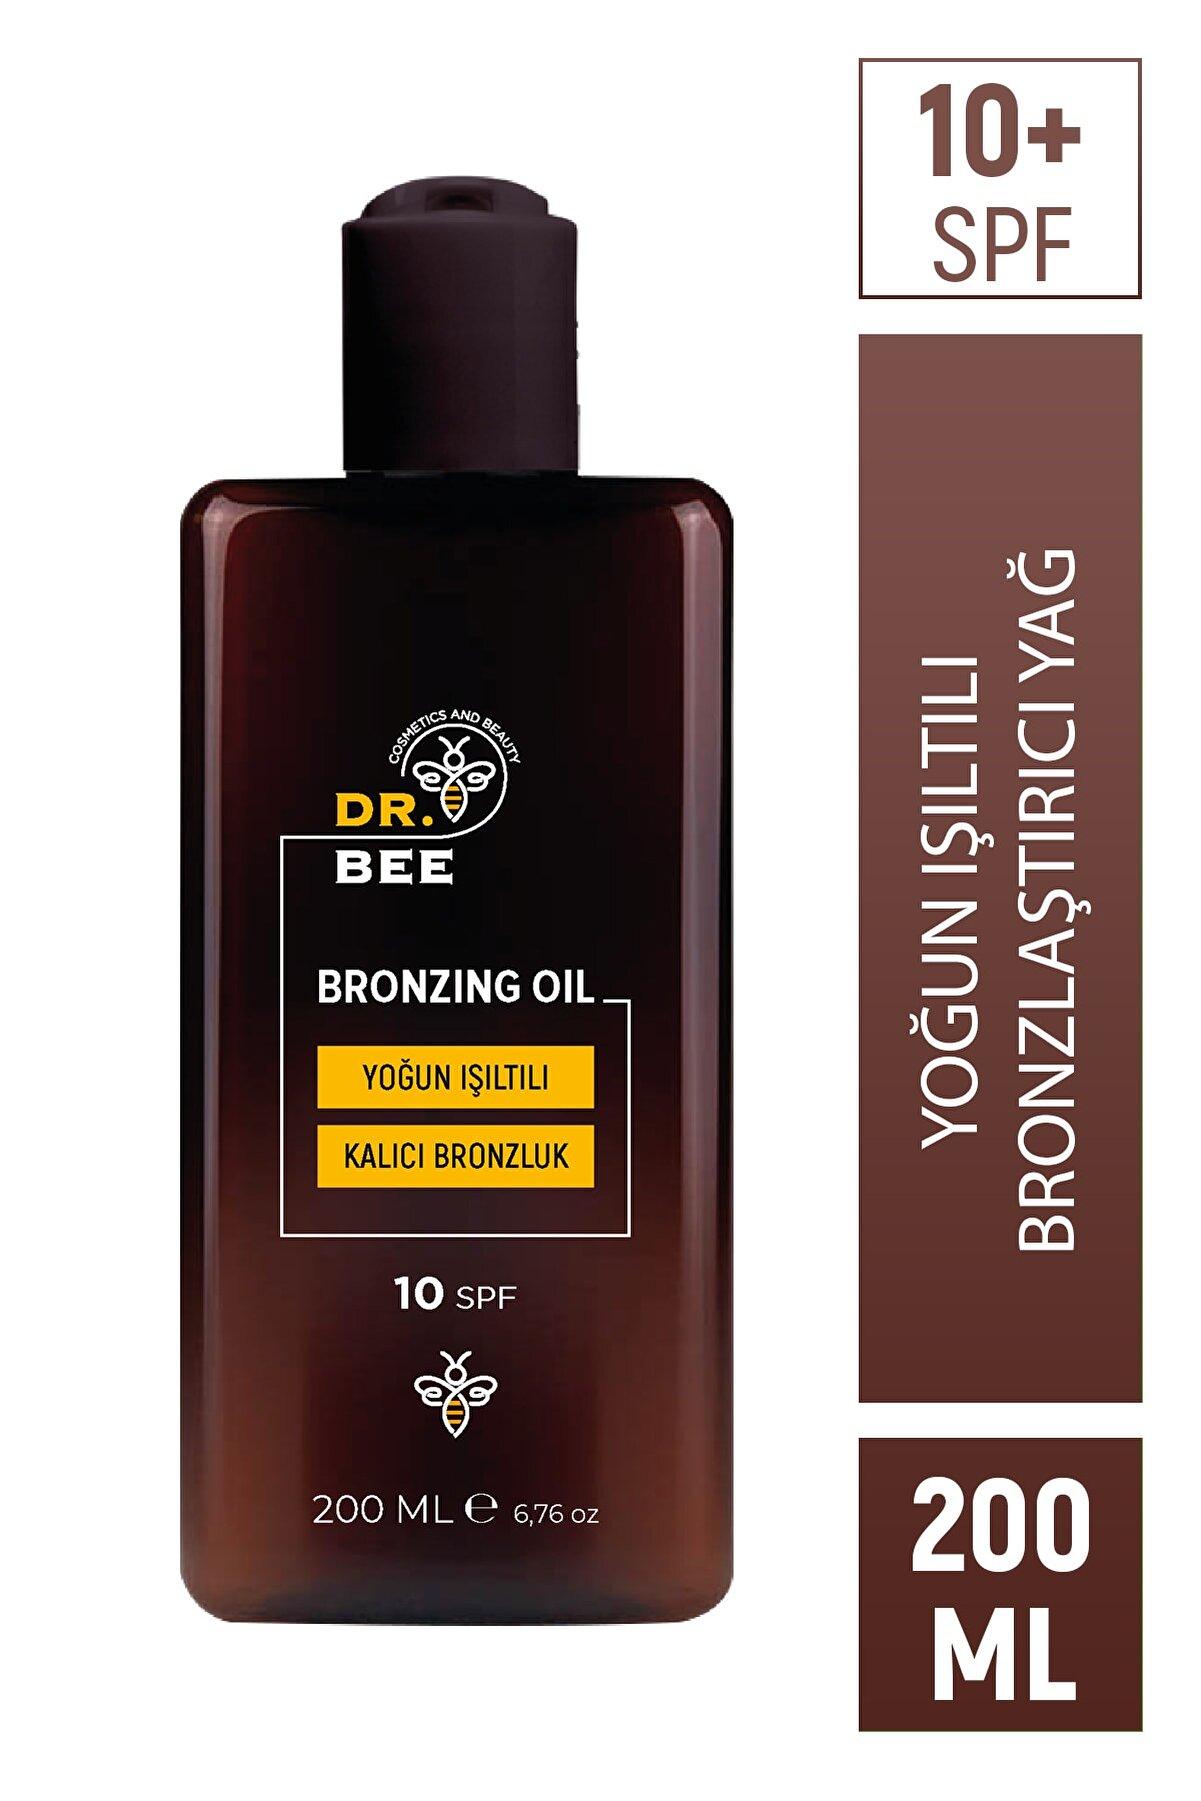 Dr.Bee Yoğun Işıltılı Bronzlaştırıcı Yağ Spf 10+